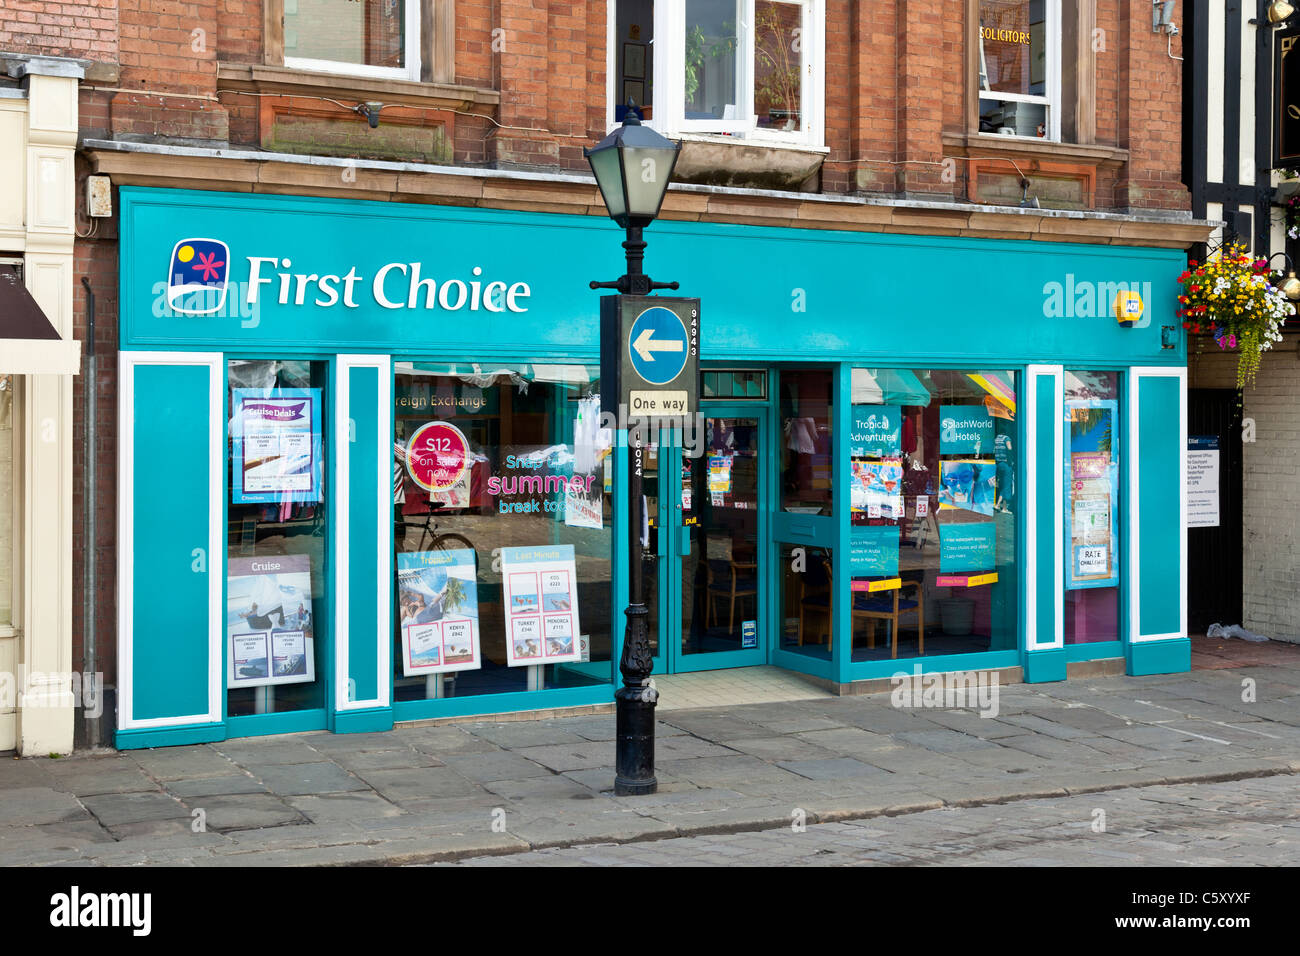 """""""Premier Choix"""" agence de voyage, Chesterfield, Derbyshire Photo Stock"""